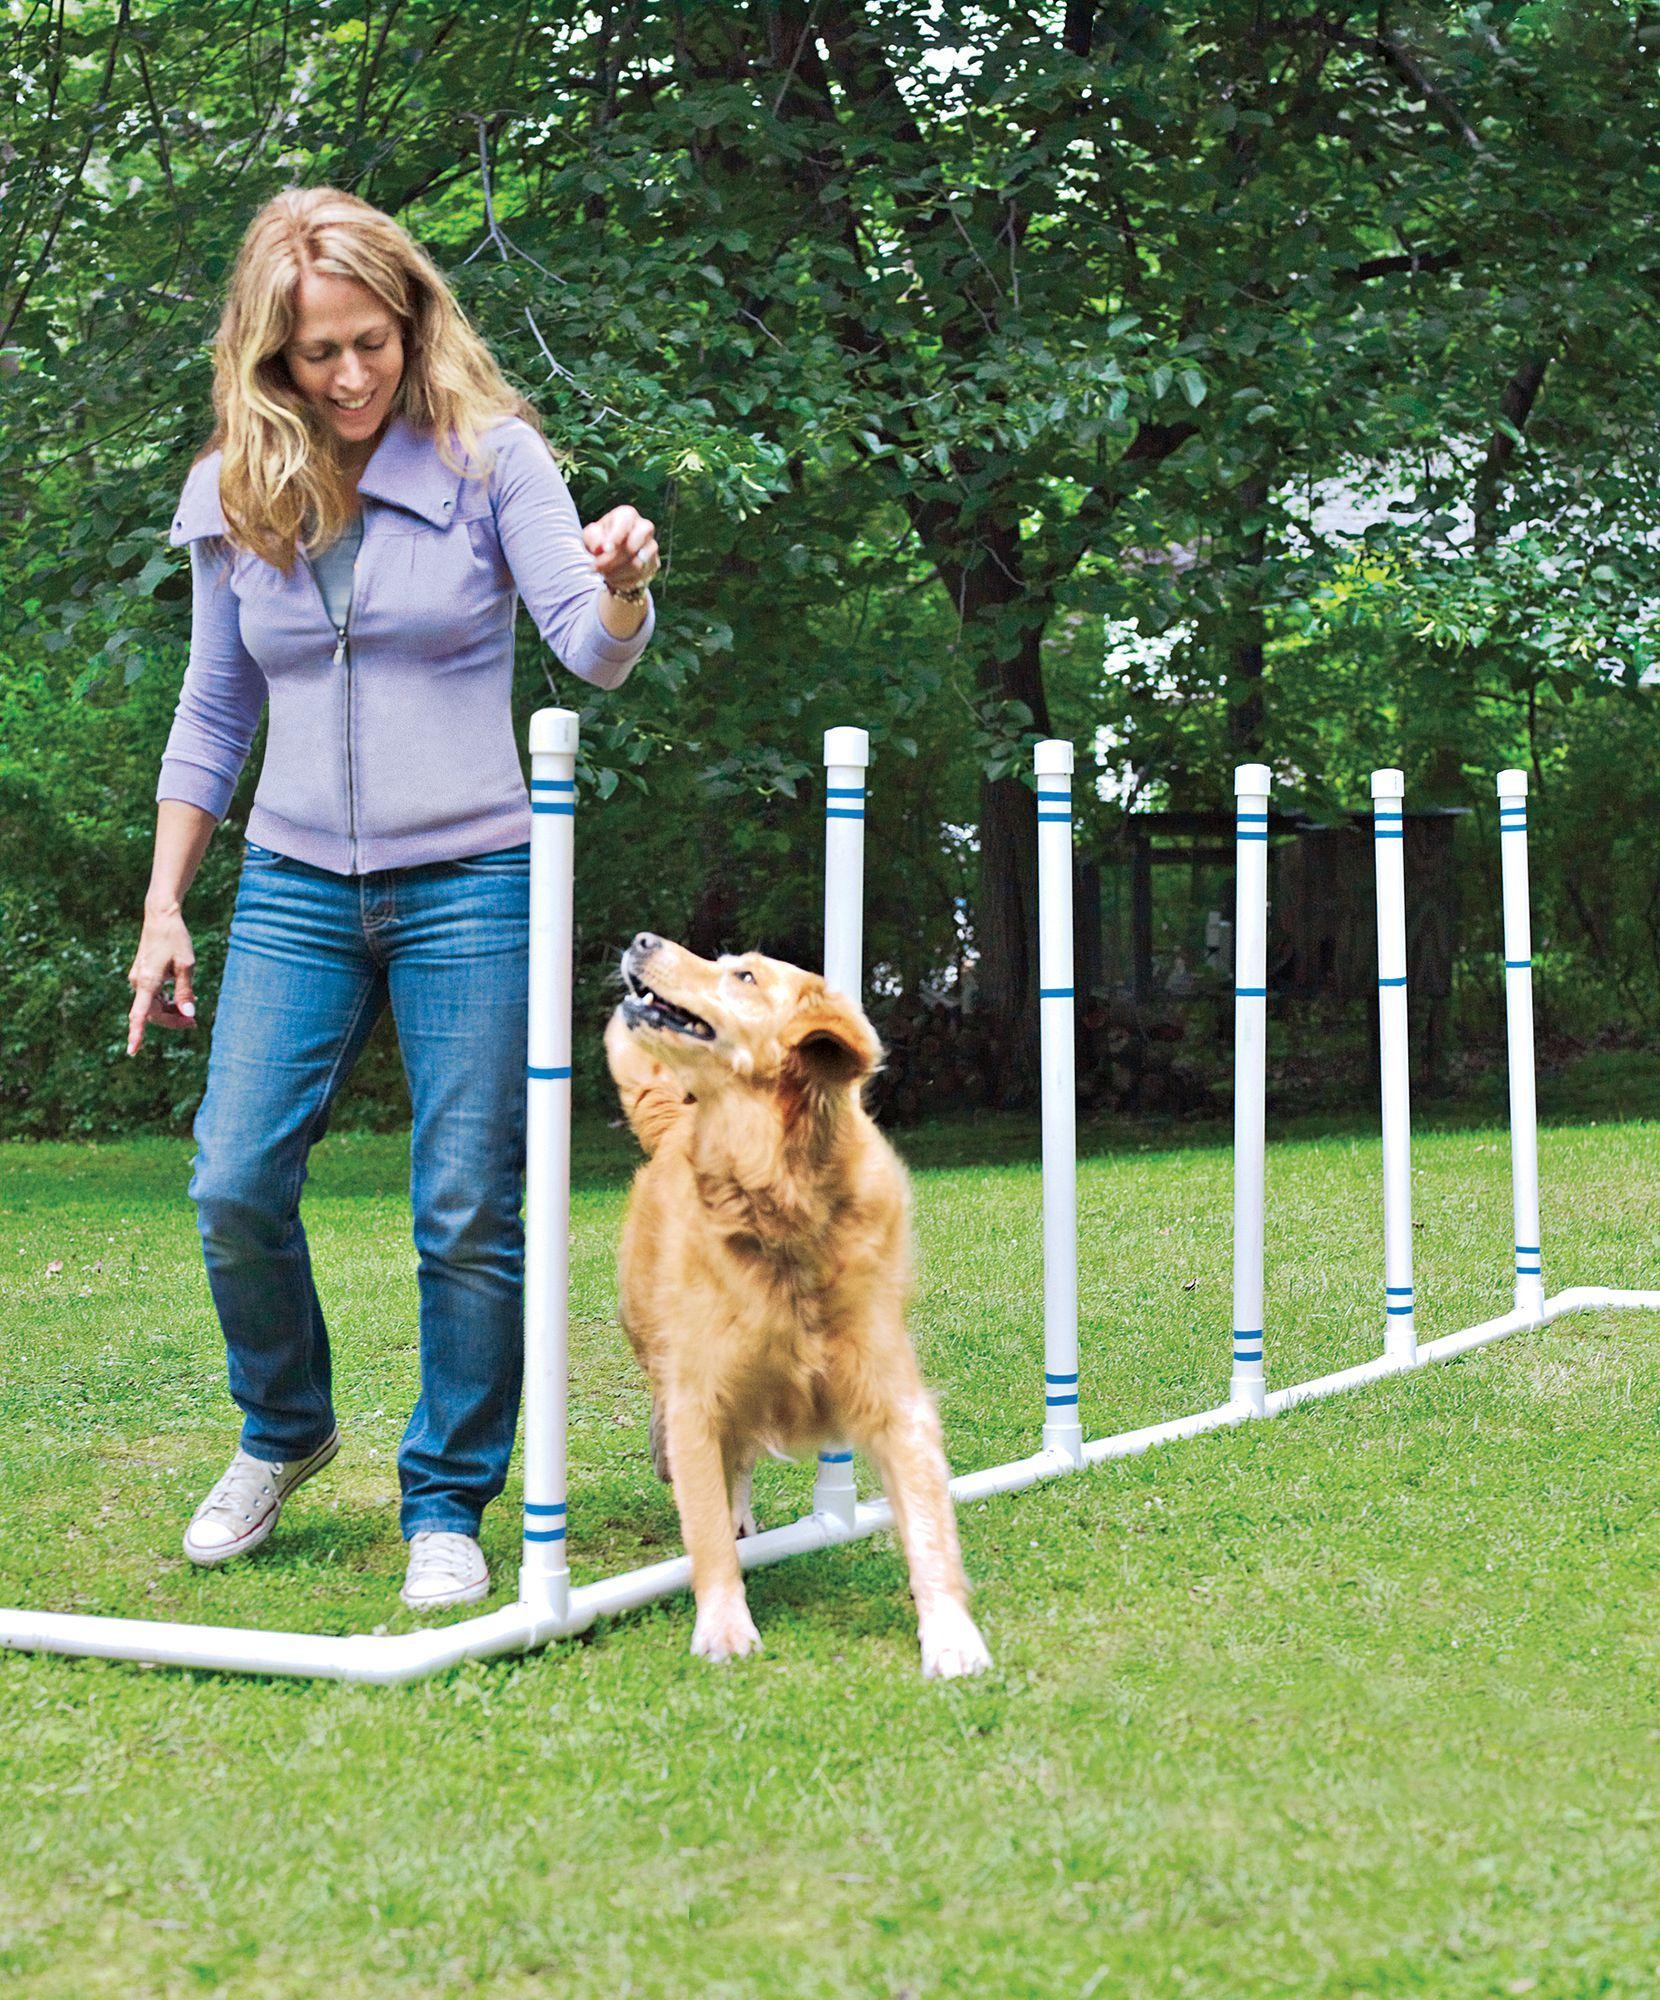 How To Build A Diy Dog Agility Course Dog Agility Dog Backyard